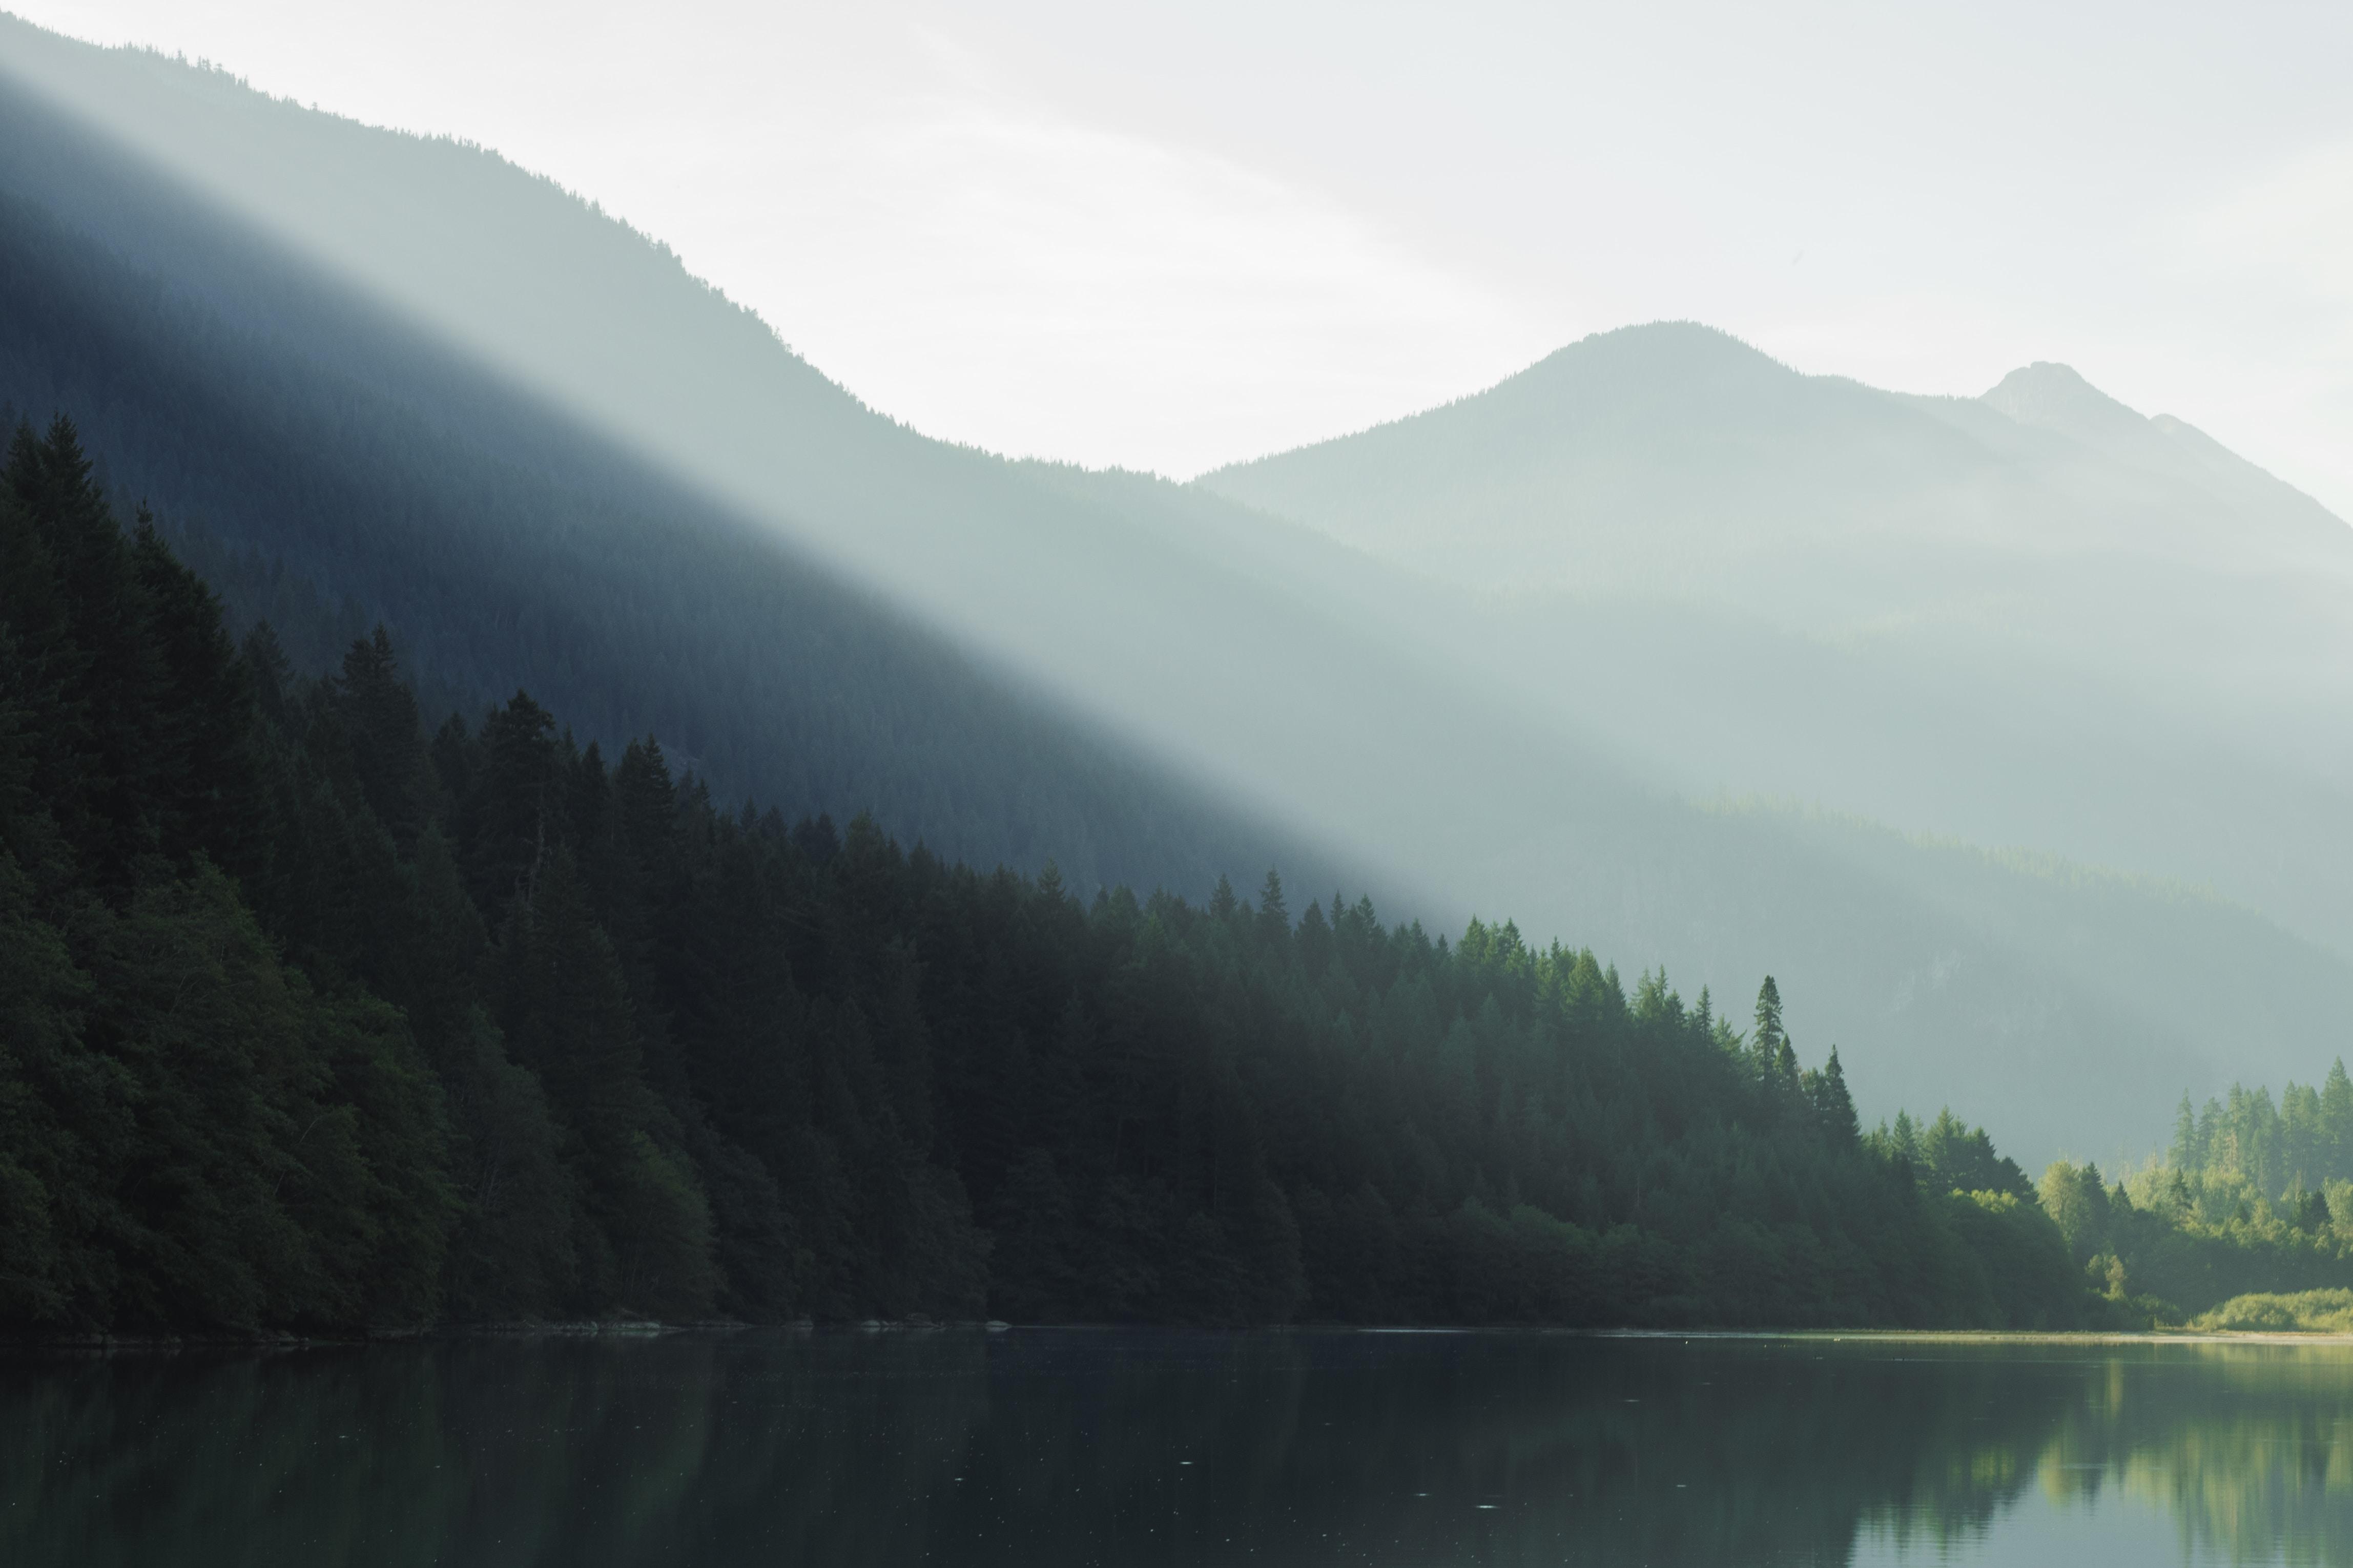 Pale sunrays falling on a still lake